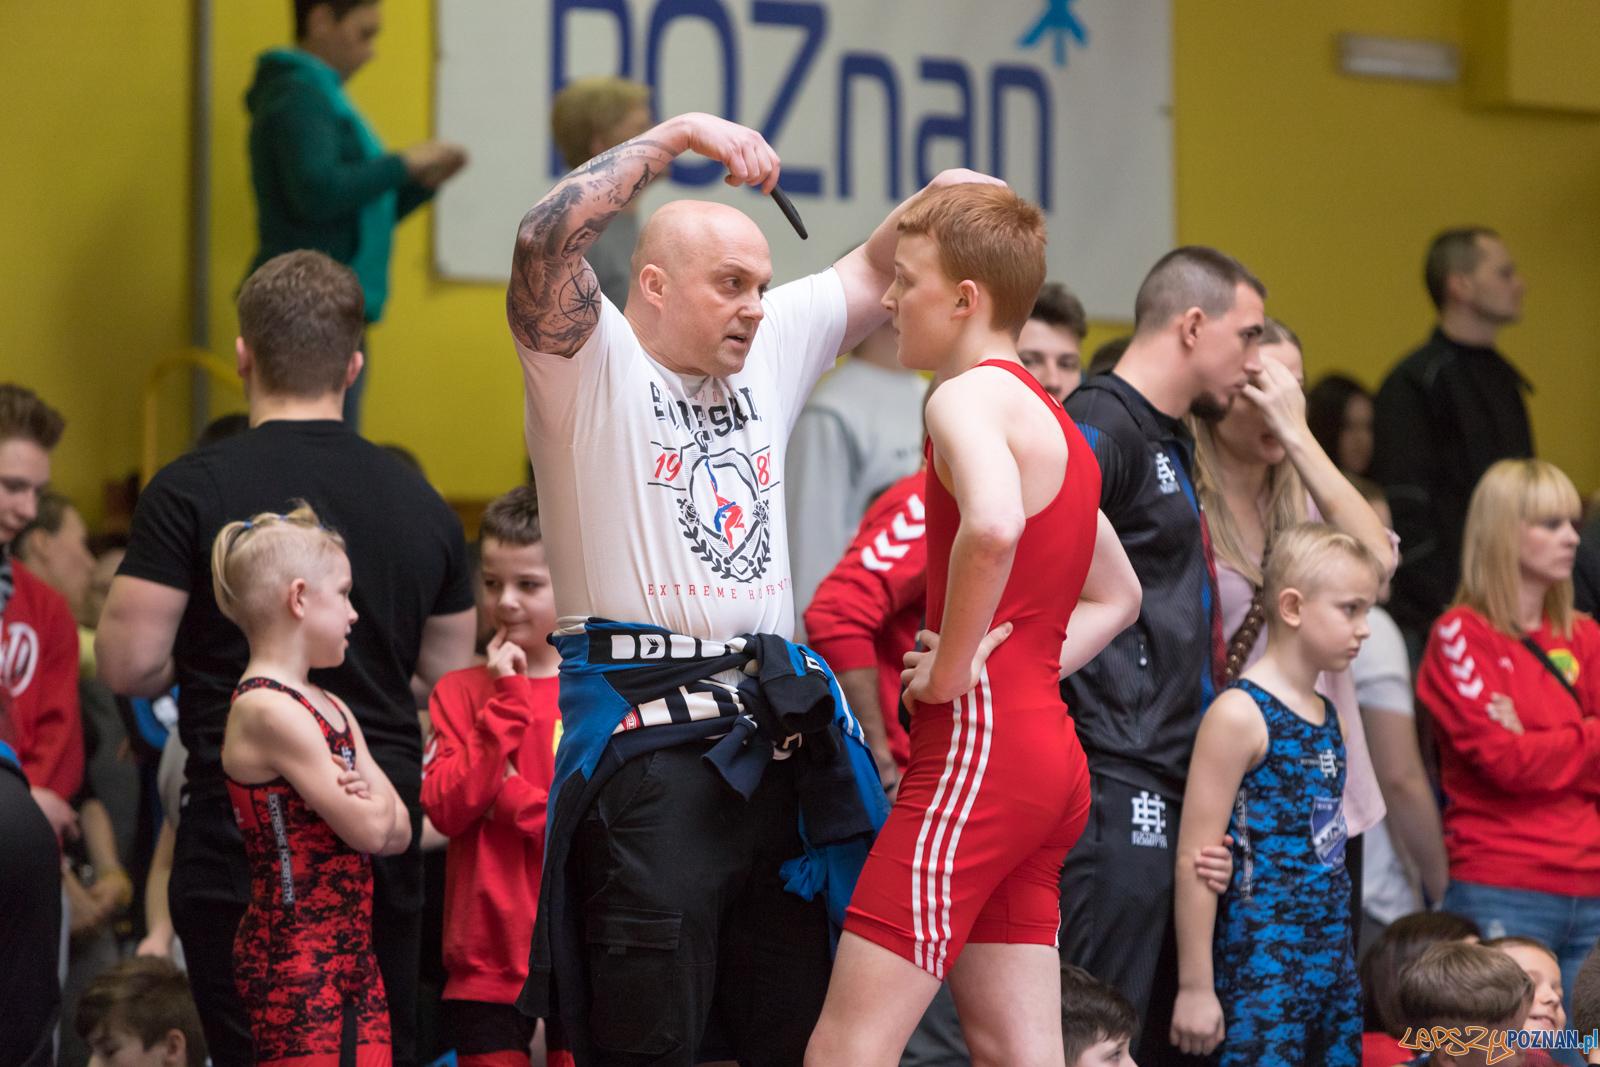 VIII Memoriał Bogdana Brody - Otwarte Mistrzostwa Miasta Pozna  Foto: lepszyPOZNAN.pl/Piotr Rychter